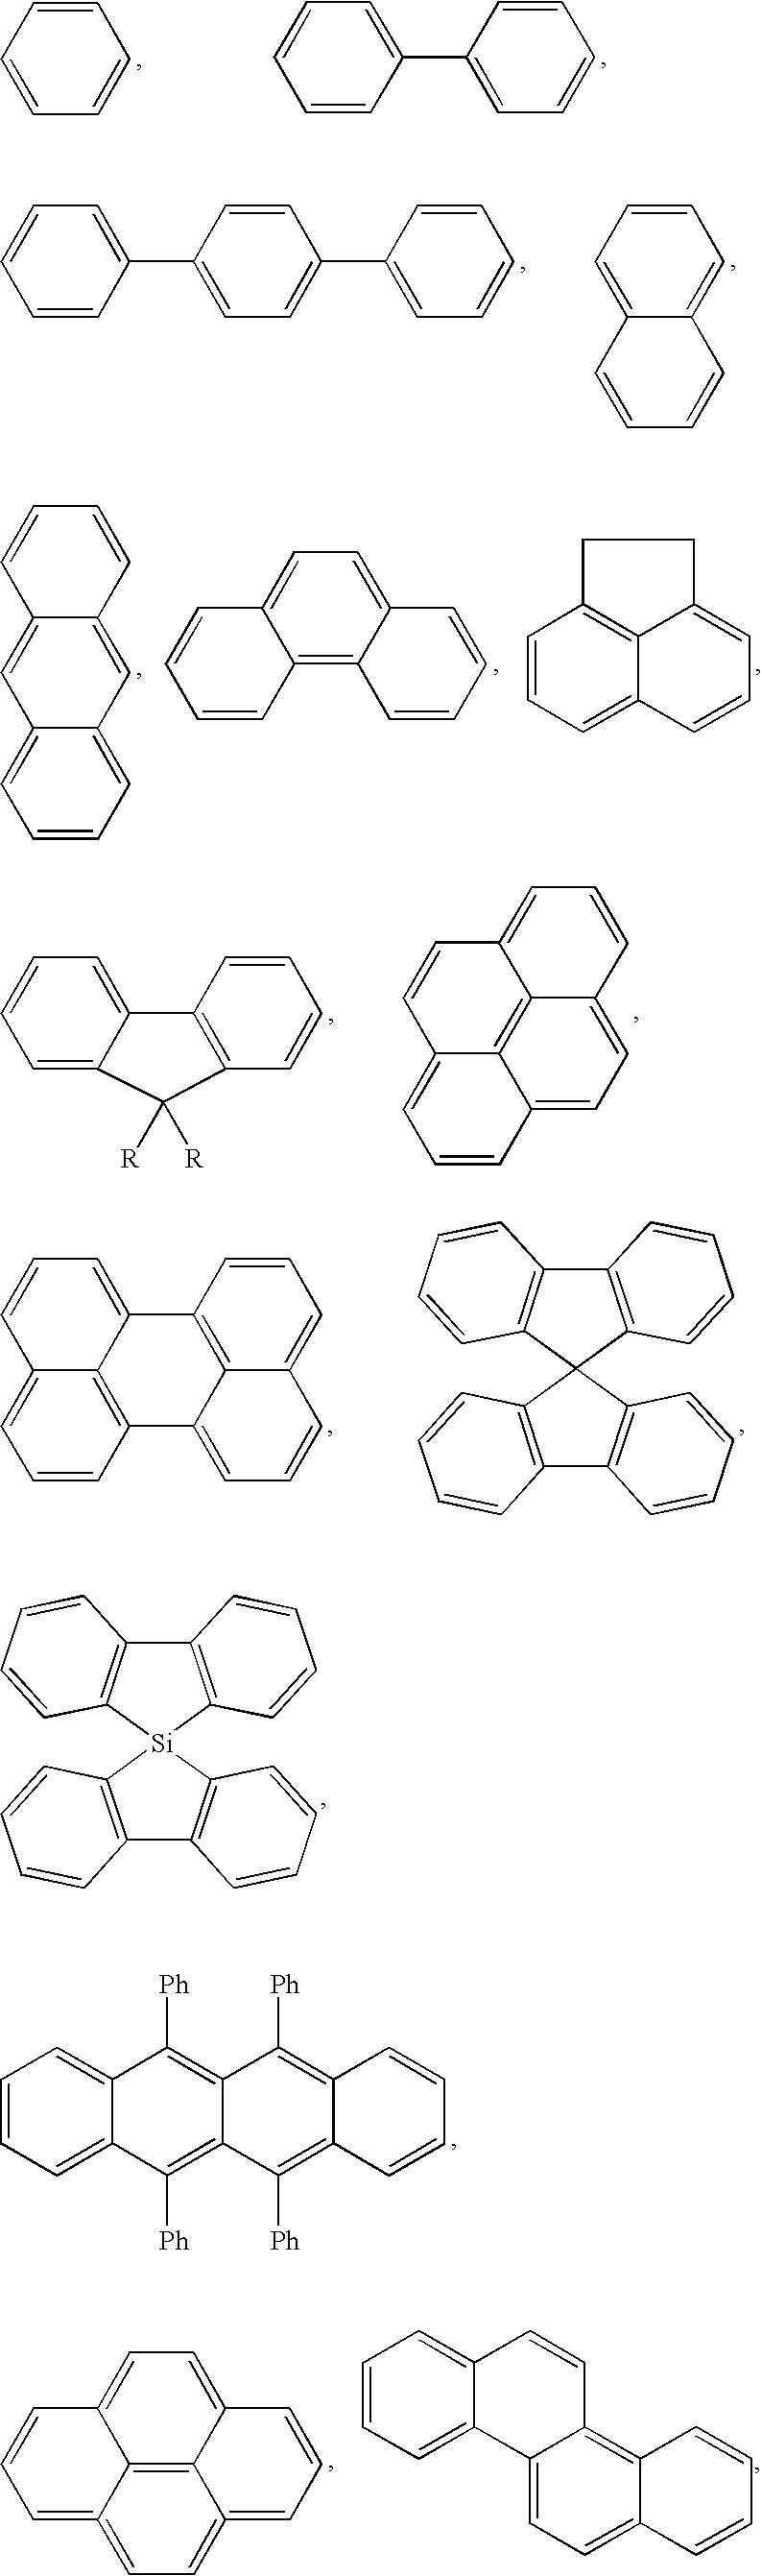 Figure US20070107835A1-20070517-C00074